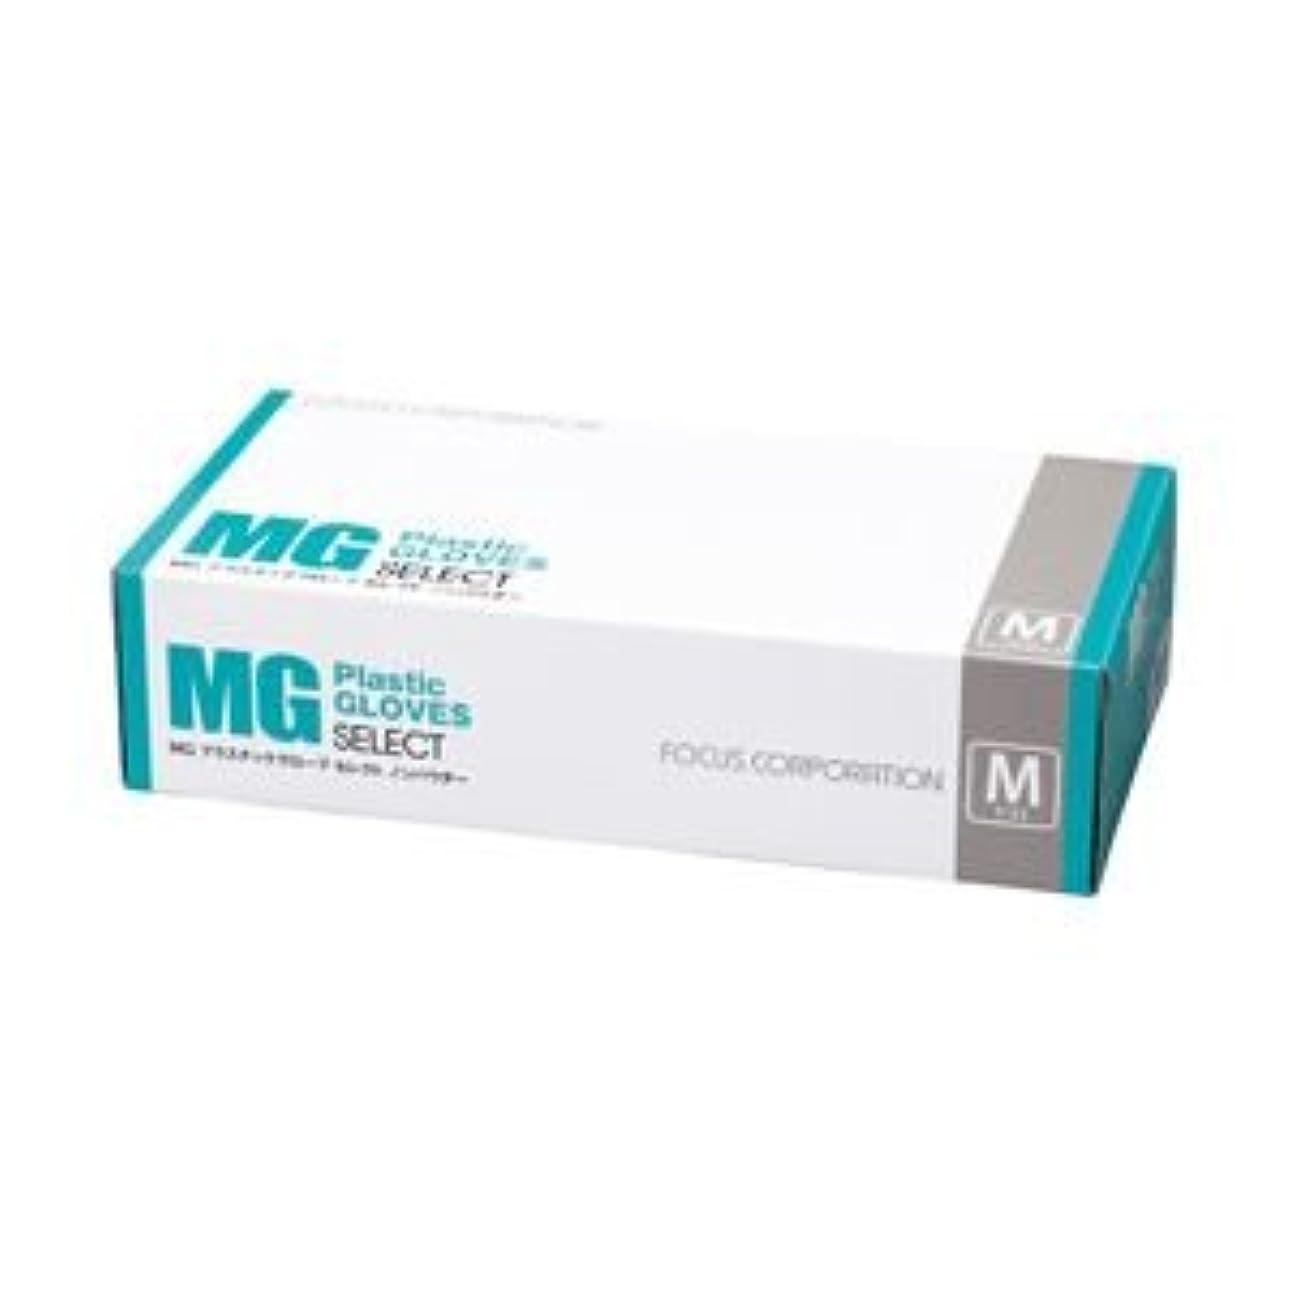 吐く船員クラックポットフォーカス (業務用セット) MGプラスチックグローブSELECT 粉なし 半透明 1箱(100枚) Mサイズ (×10セット)